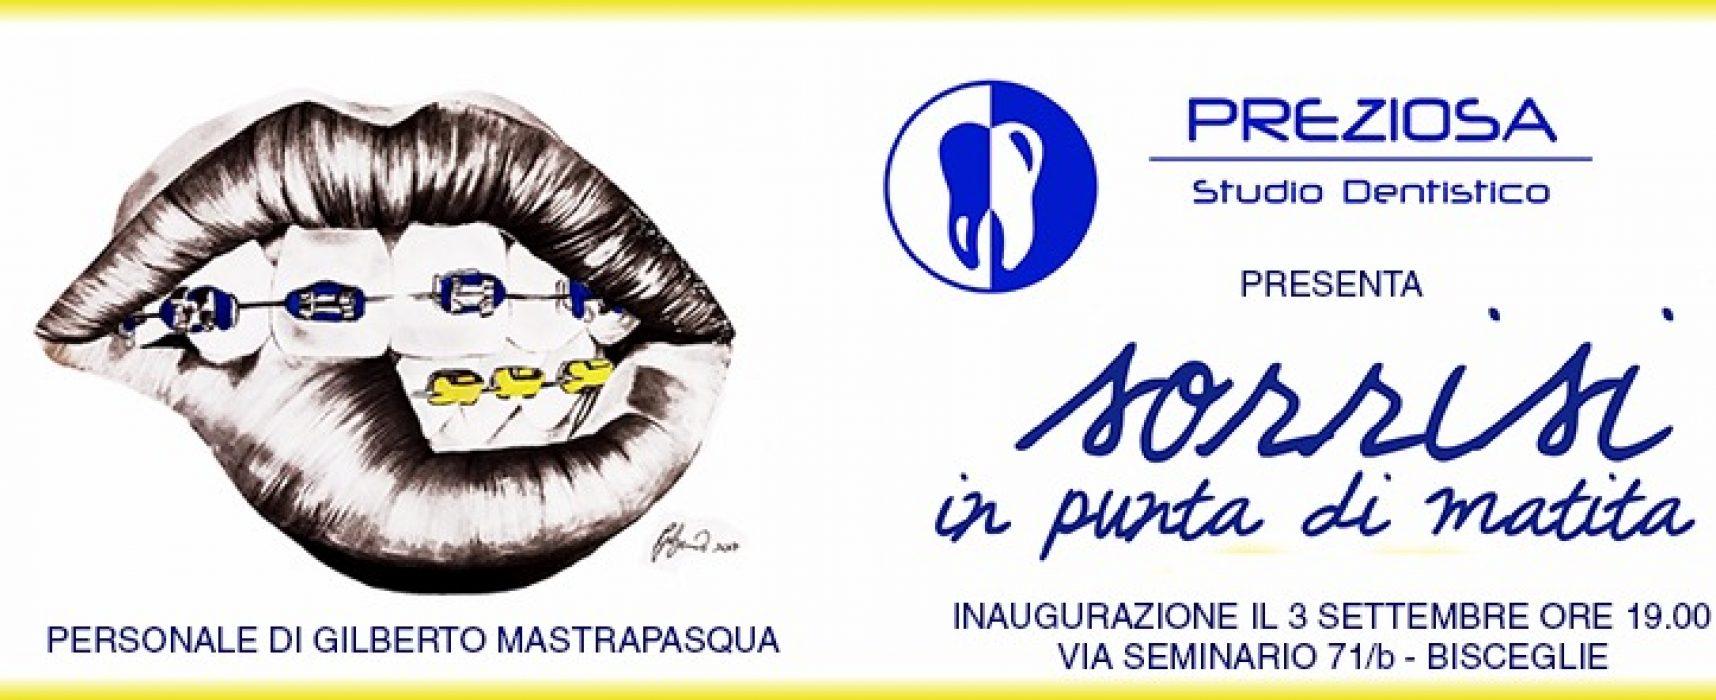 Studio dentistico si trasforma in galleria d'arte con i disegni di Gilberto Mastrapasqua